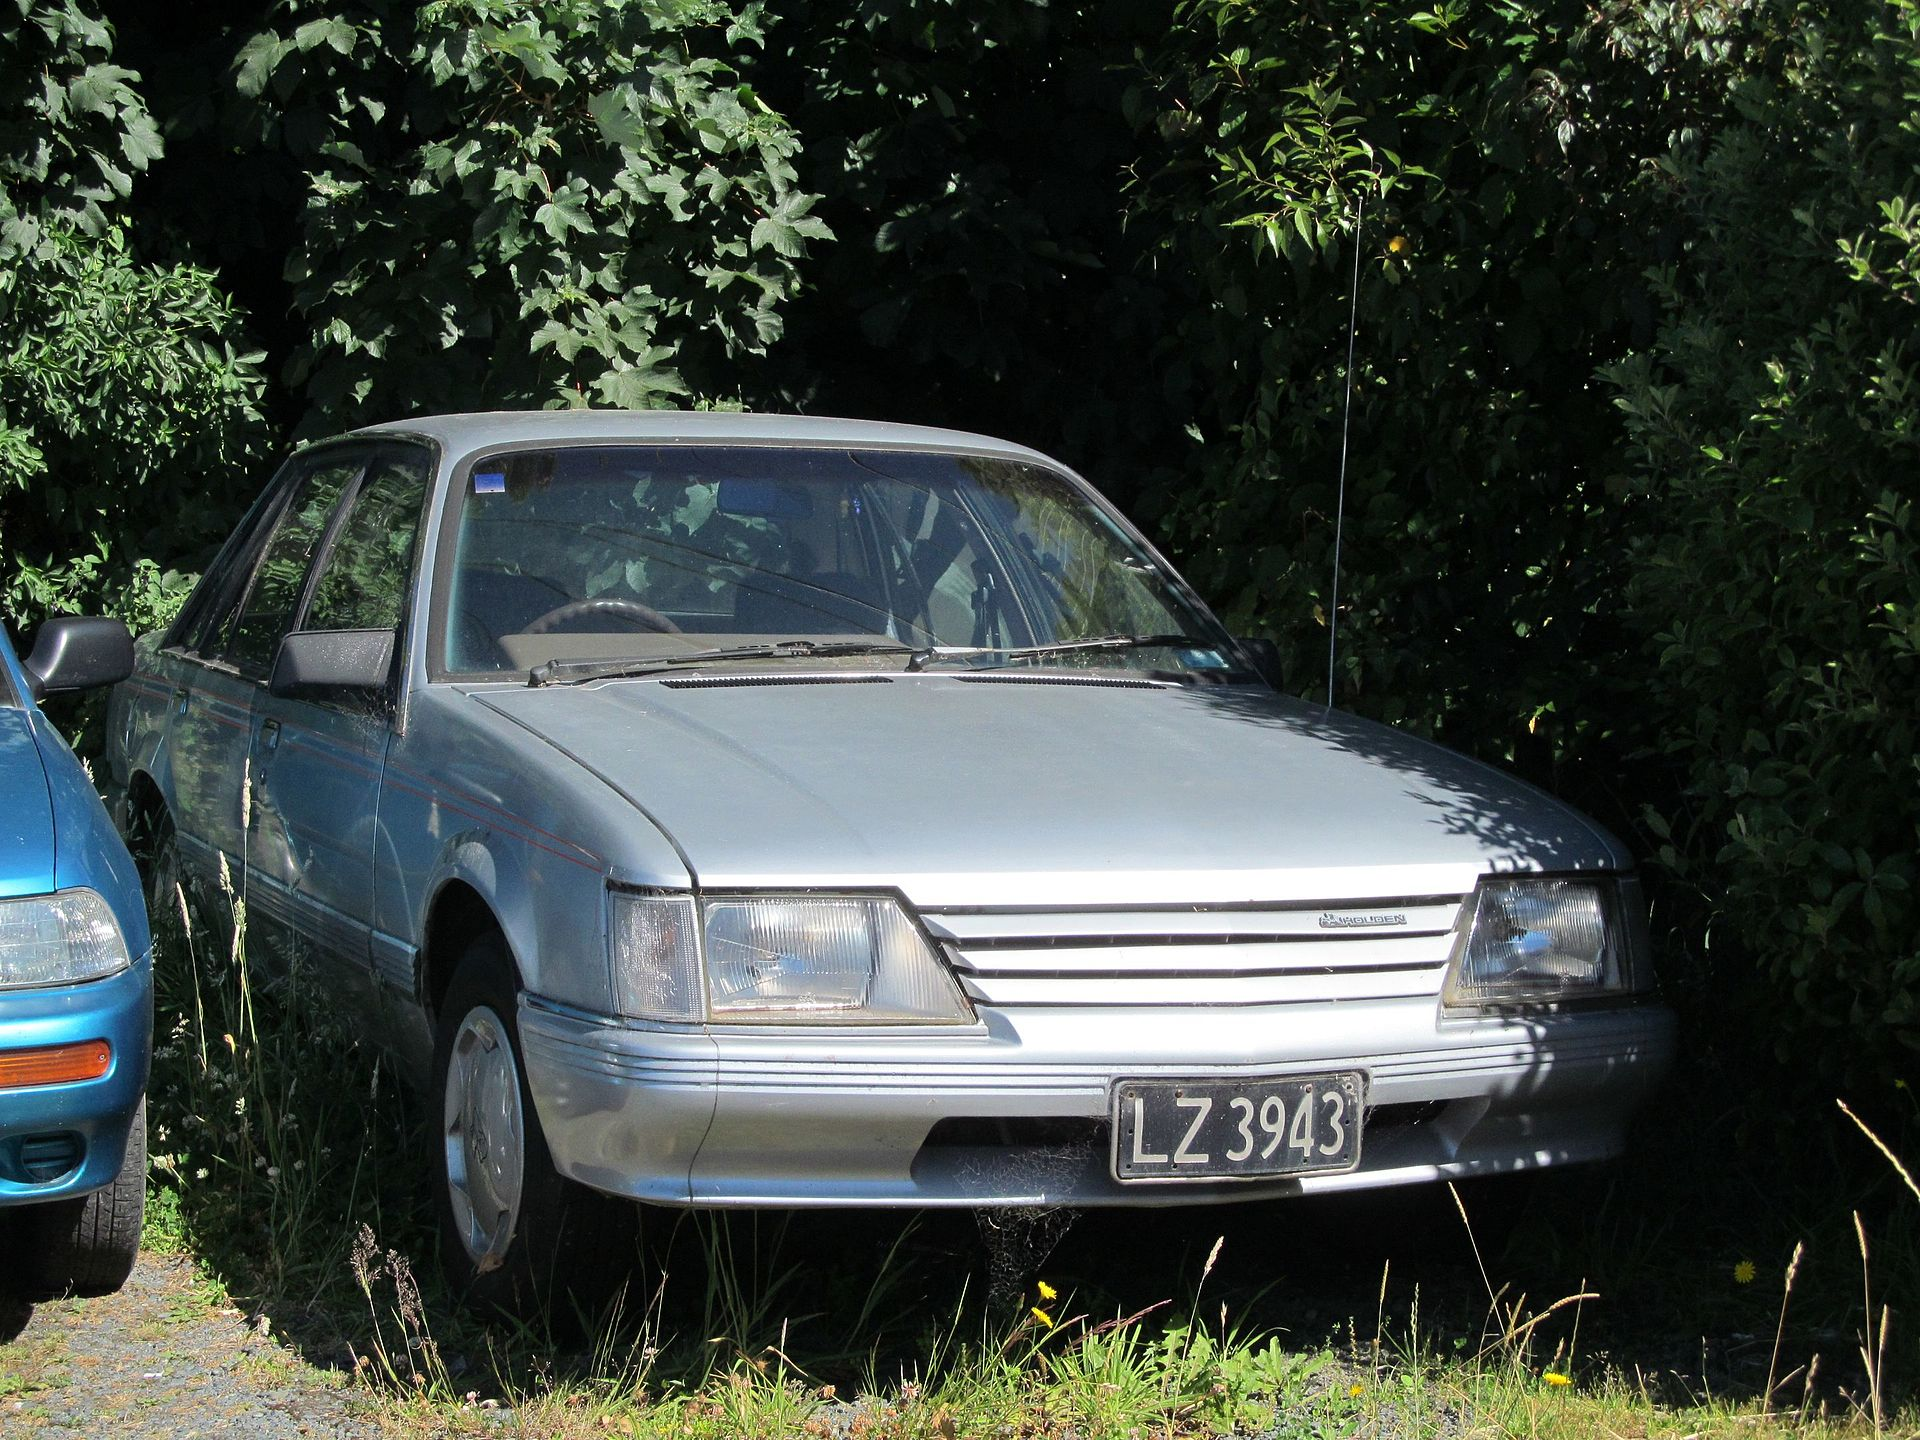 Holden Commodore (VK) - Wikipedia